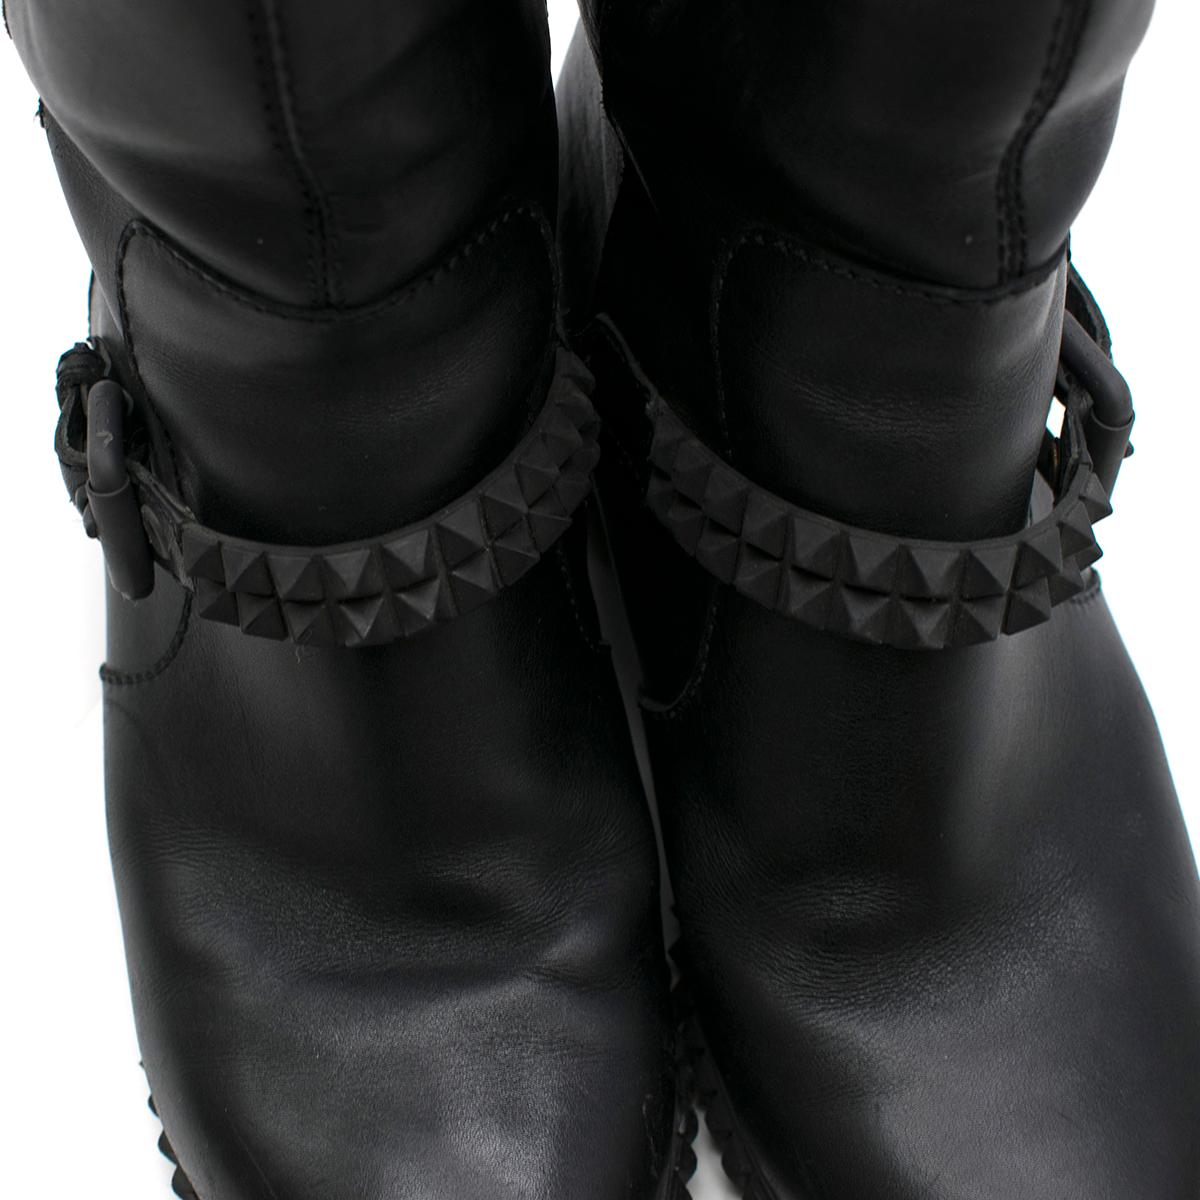 d0351142af3 Fendi Black Joan Studded Moto Boots Size 40